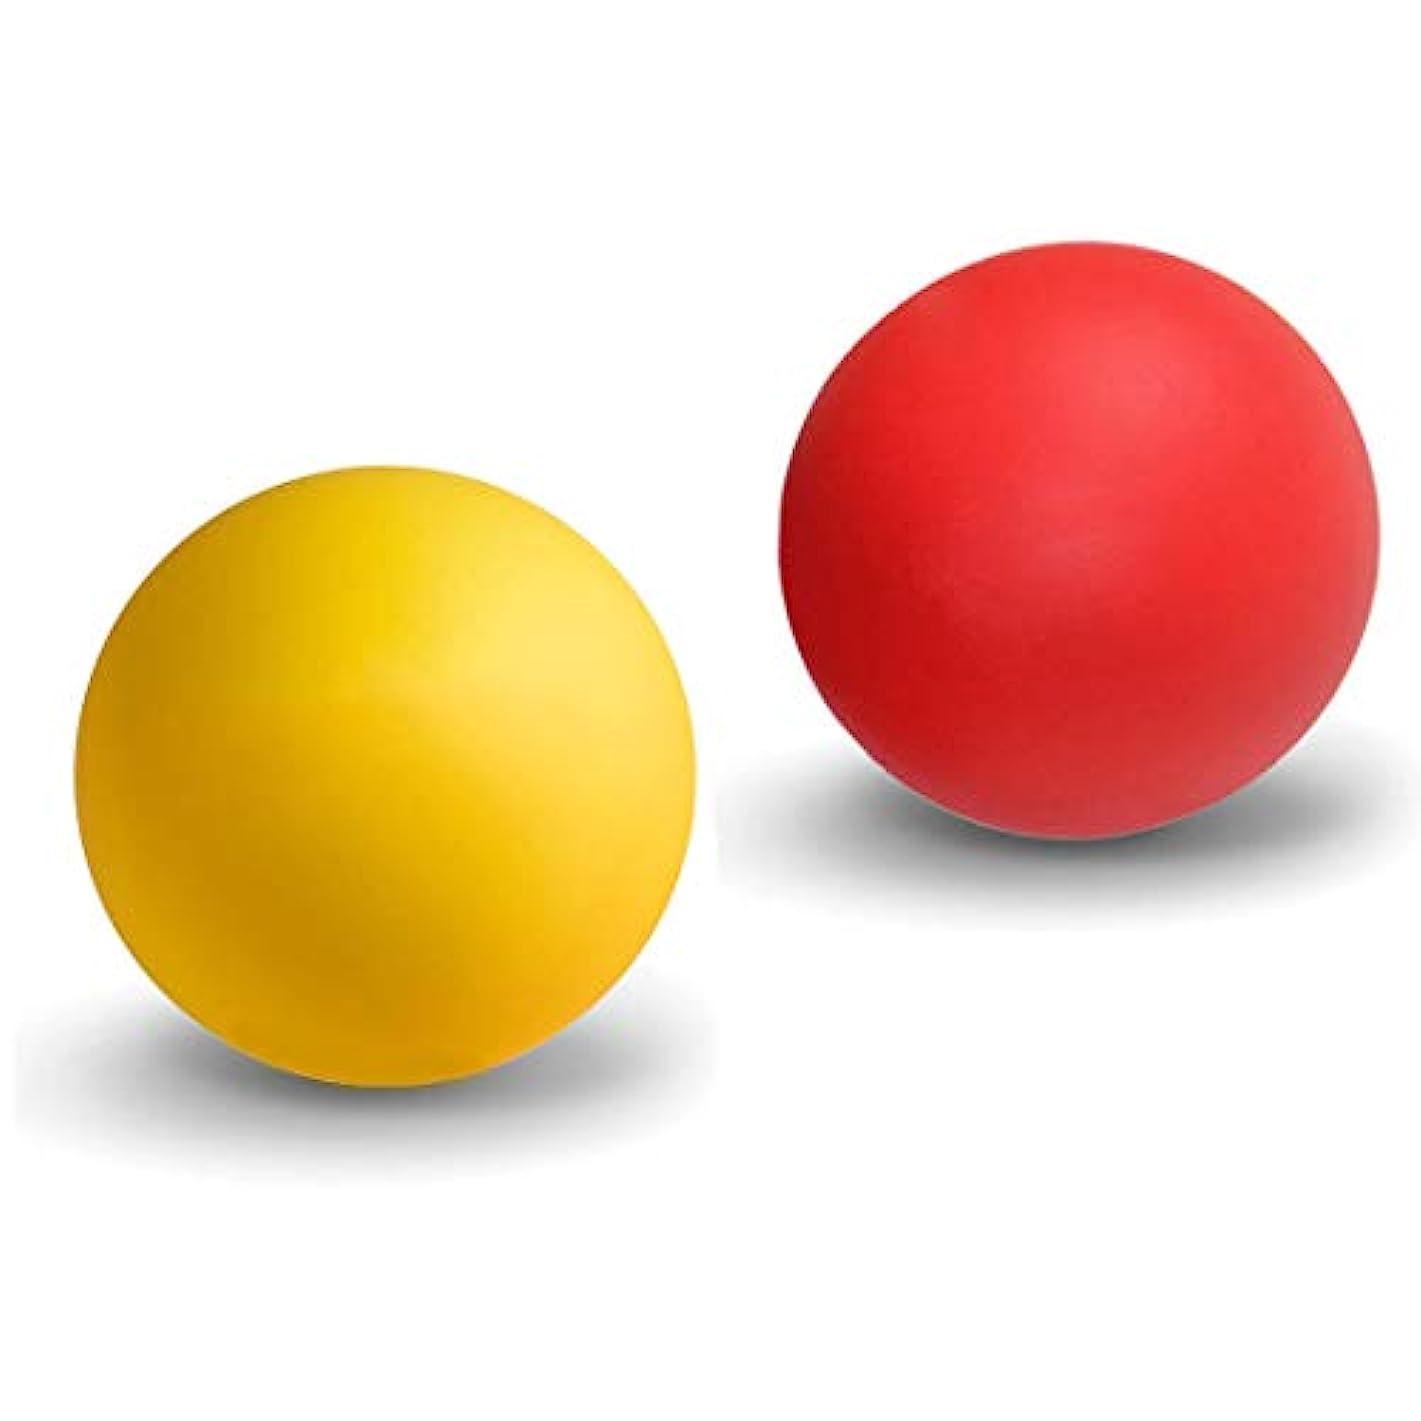 保持する完全に乾く忍耐マッサージボール ストレッチボール トリガーポイント ラクロスボール 筋膜リリース トレーニング 指圧ボールマッスルマッサージボール 背中 肩こり 腰 ふくらはぎ 足裏 ツボ押しグッズ 2で1組み合わせ 2個 セット